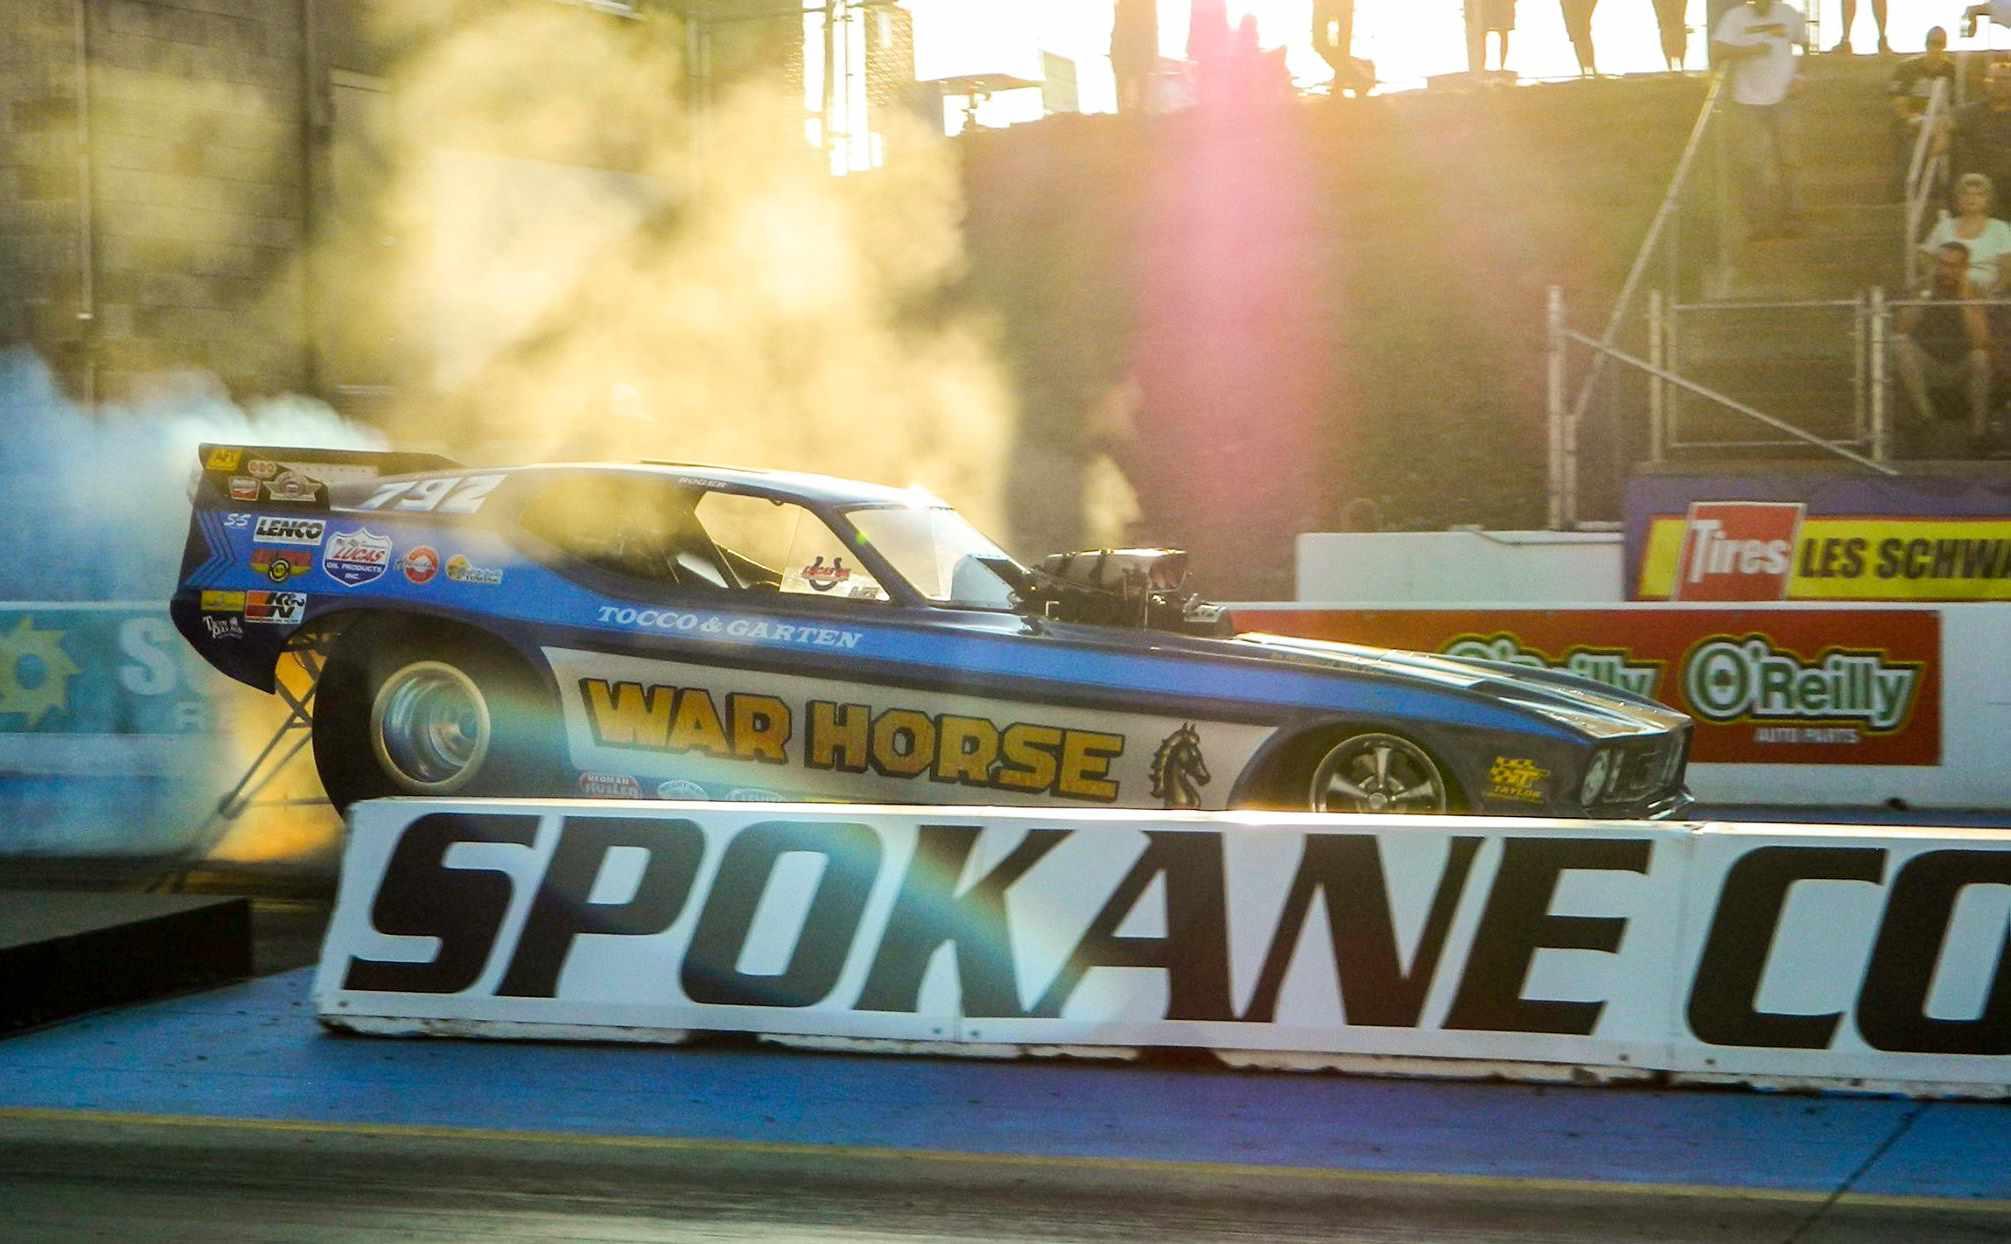 Un auto de carrera girando neumáticos y levantando polvo en la pista de rodadura